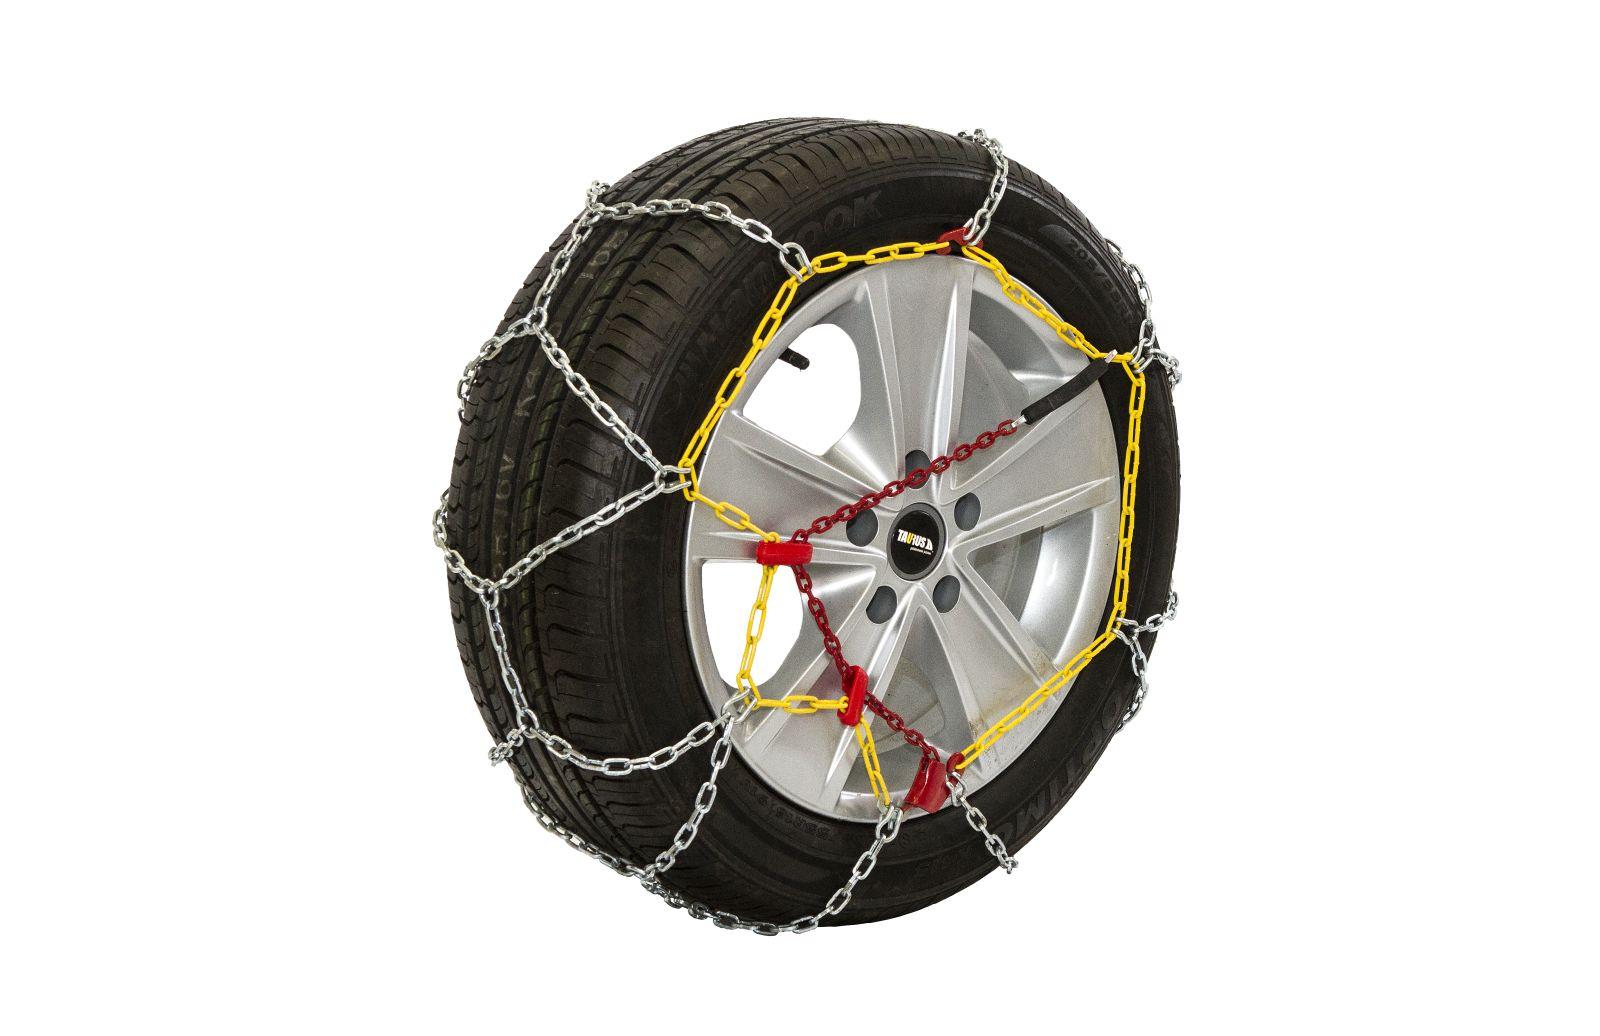 Комплект цепей противоскольжения Taurus Diament (12 мм) 60 ( звено ДСЗ 3,55мм ) с защитой литых дисков, Цепи на колёса Taurus Diament TDIA1260